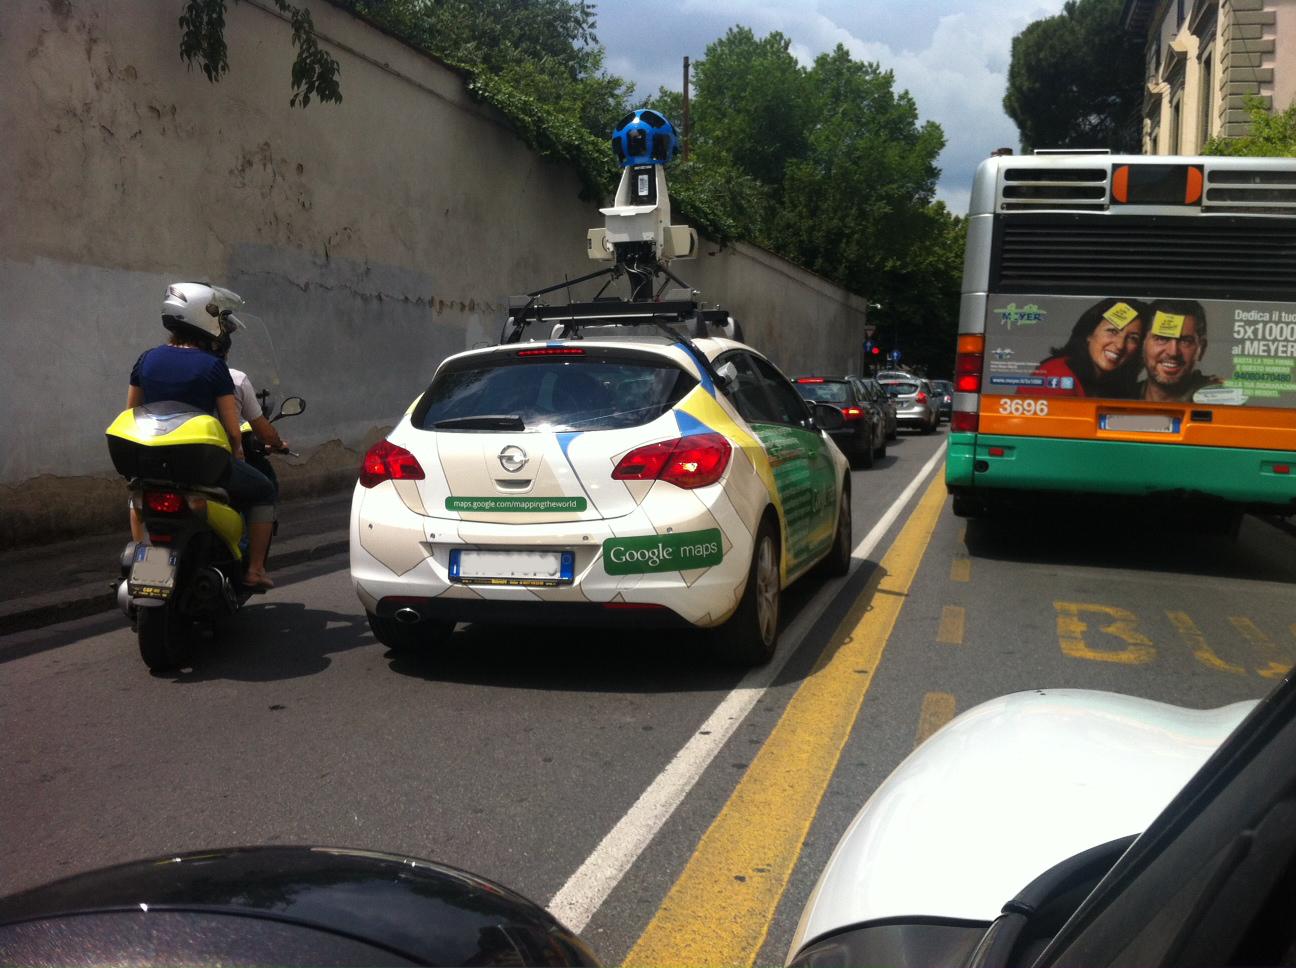 Auto Google Maps Google Maps – Mappiamo il